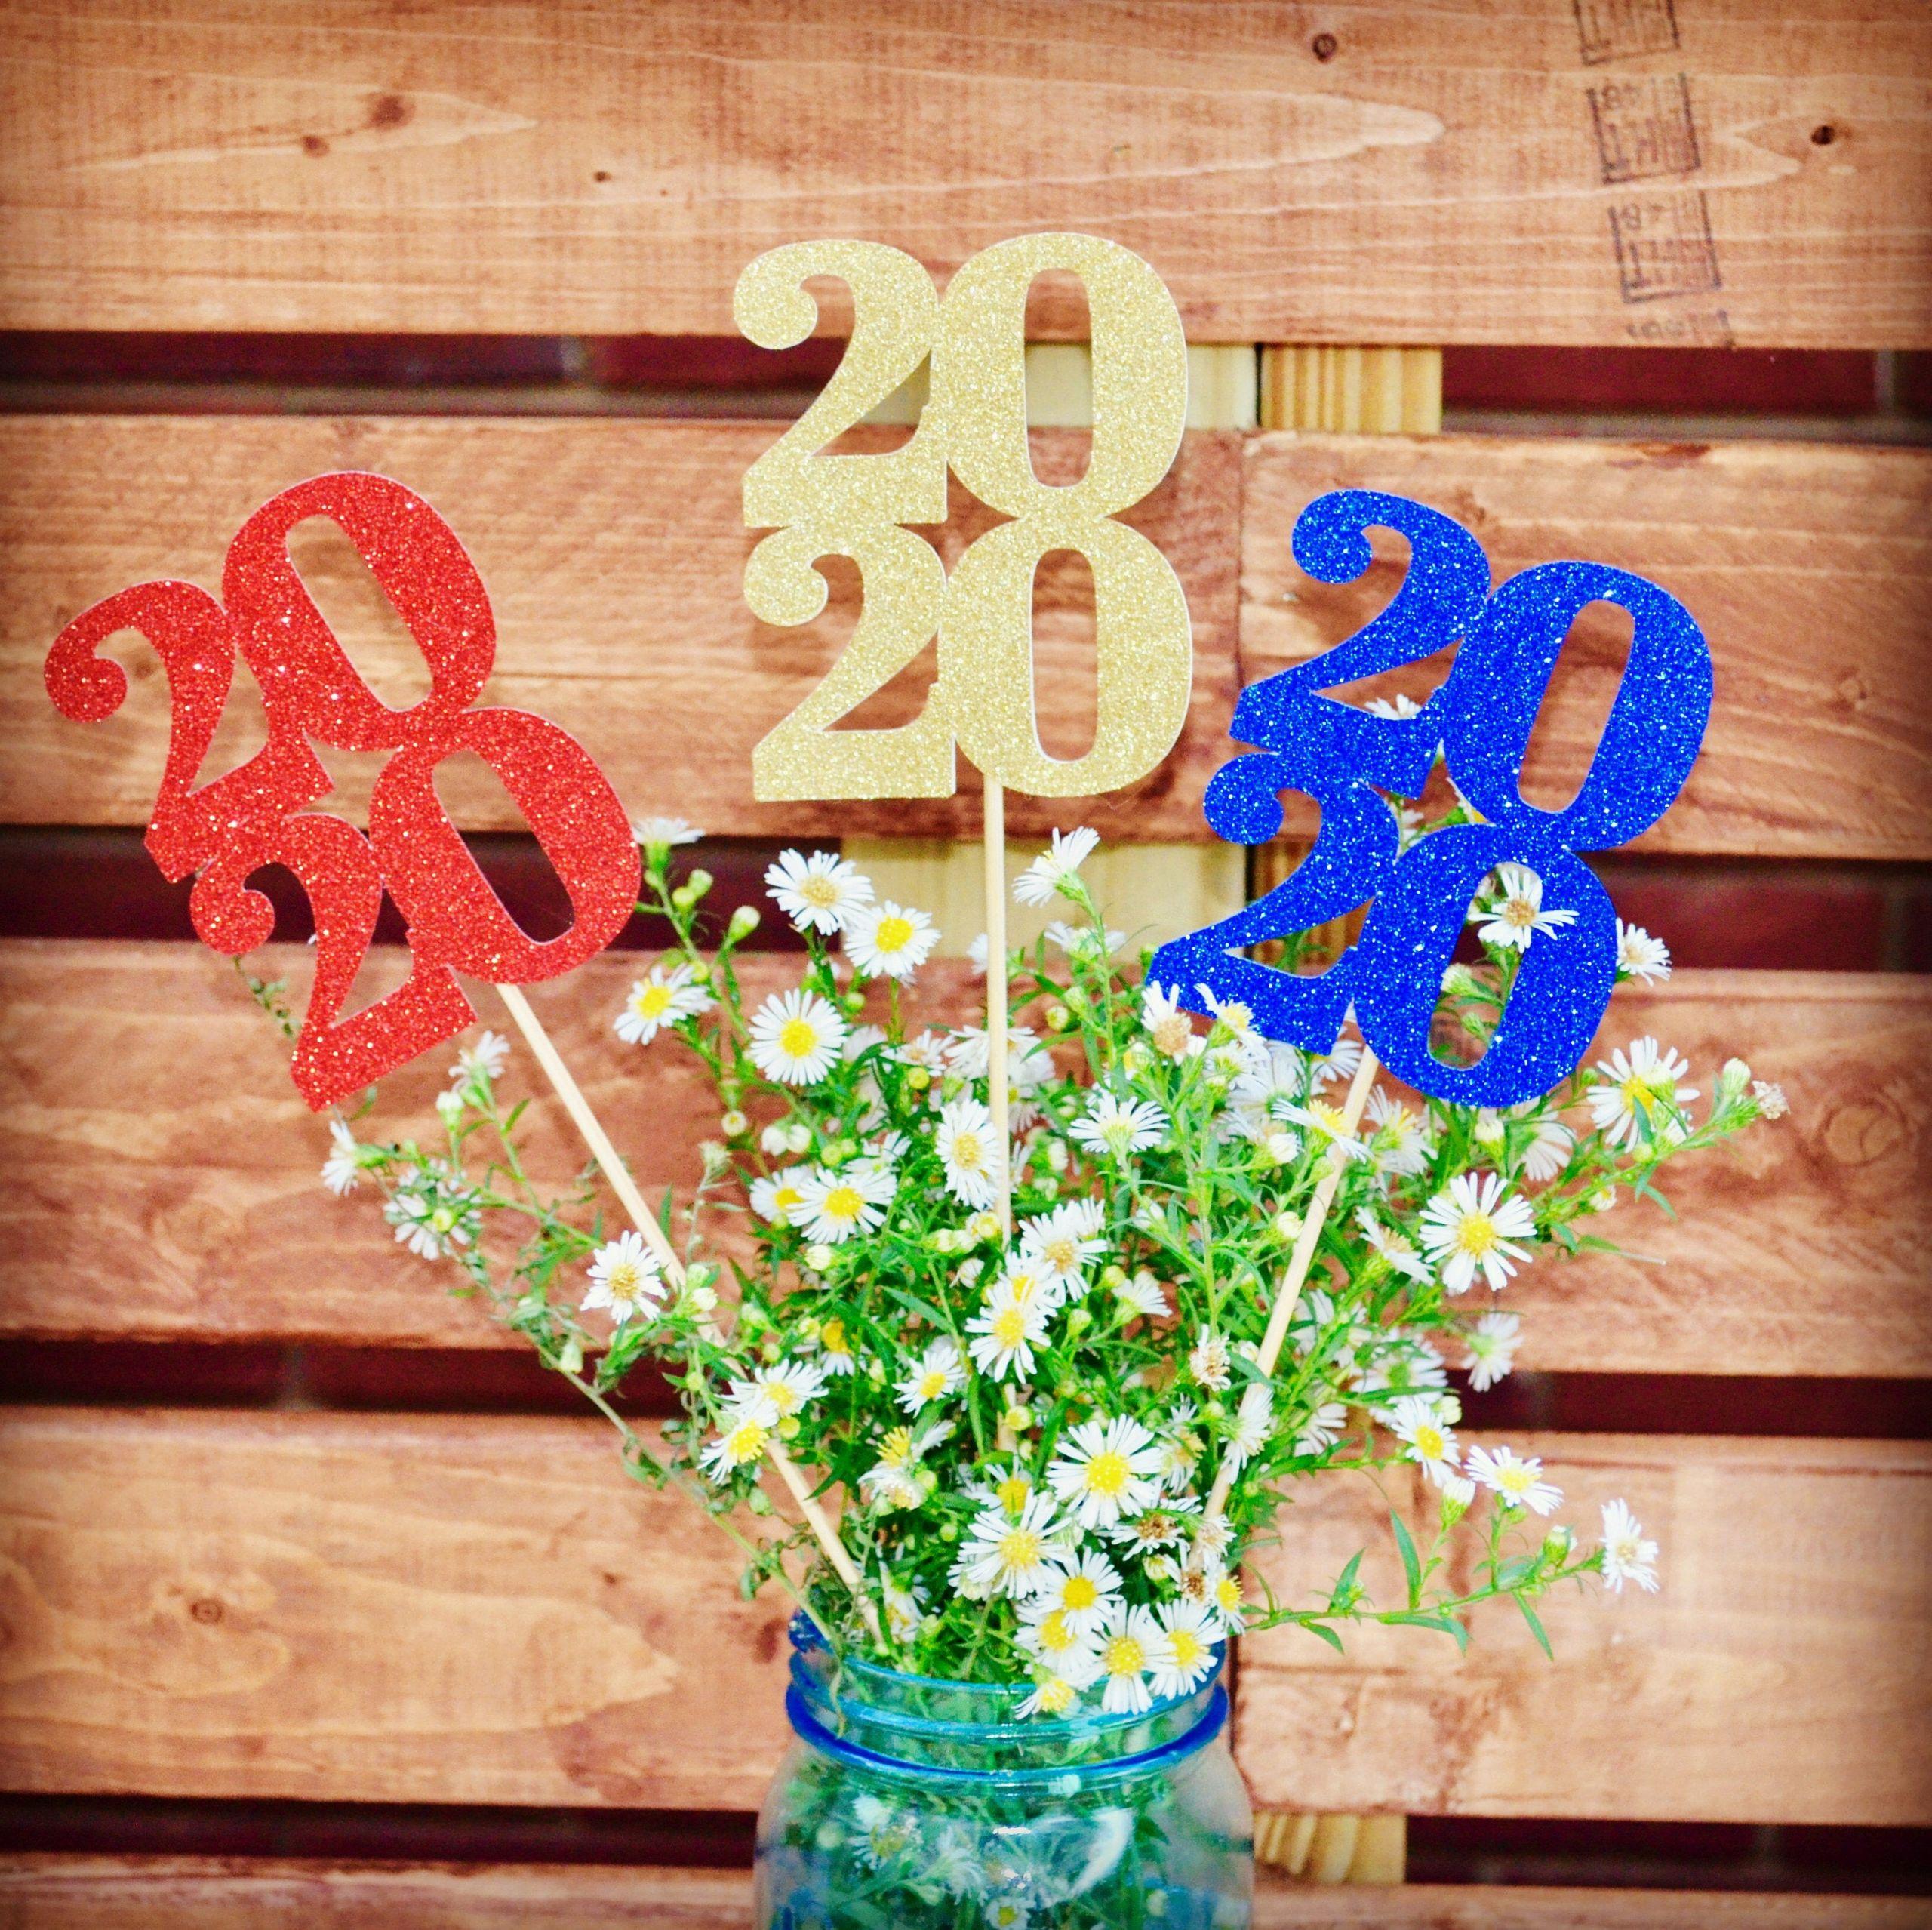 2020 Graduation Party Ideas  Graduation party decorations 2020 table decorations